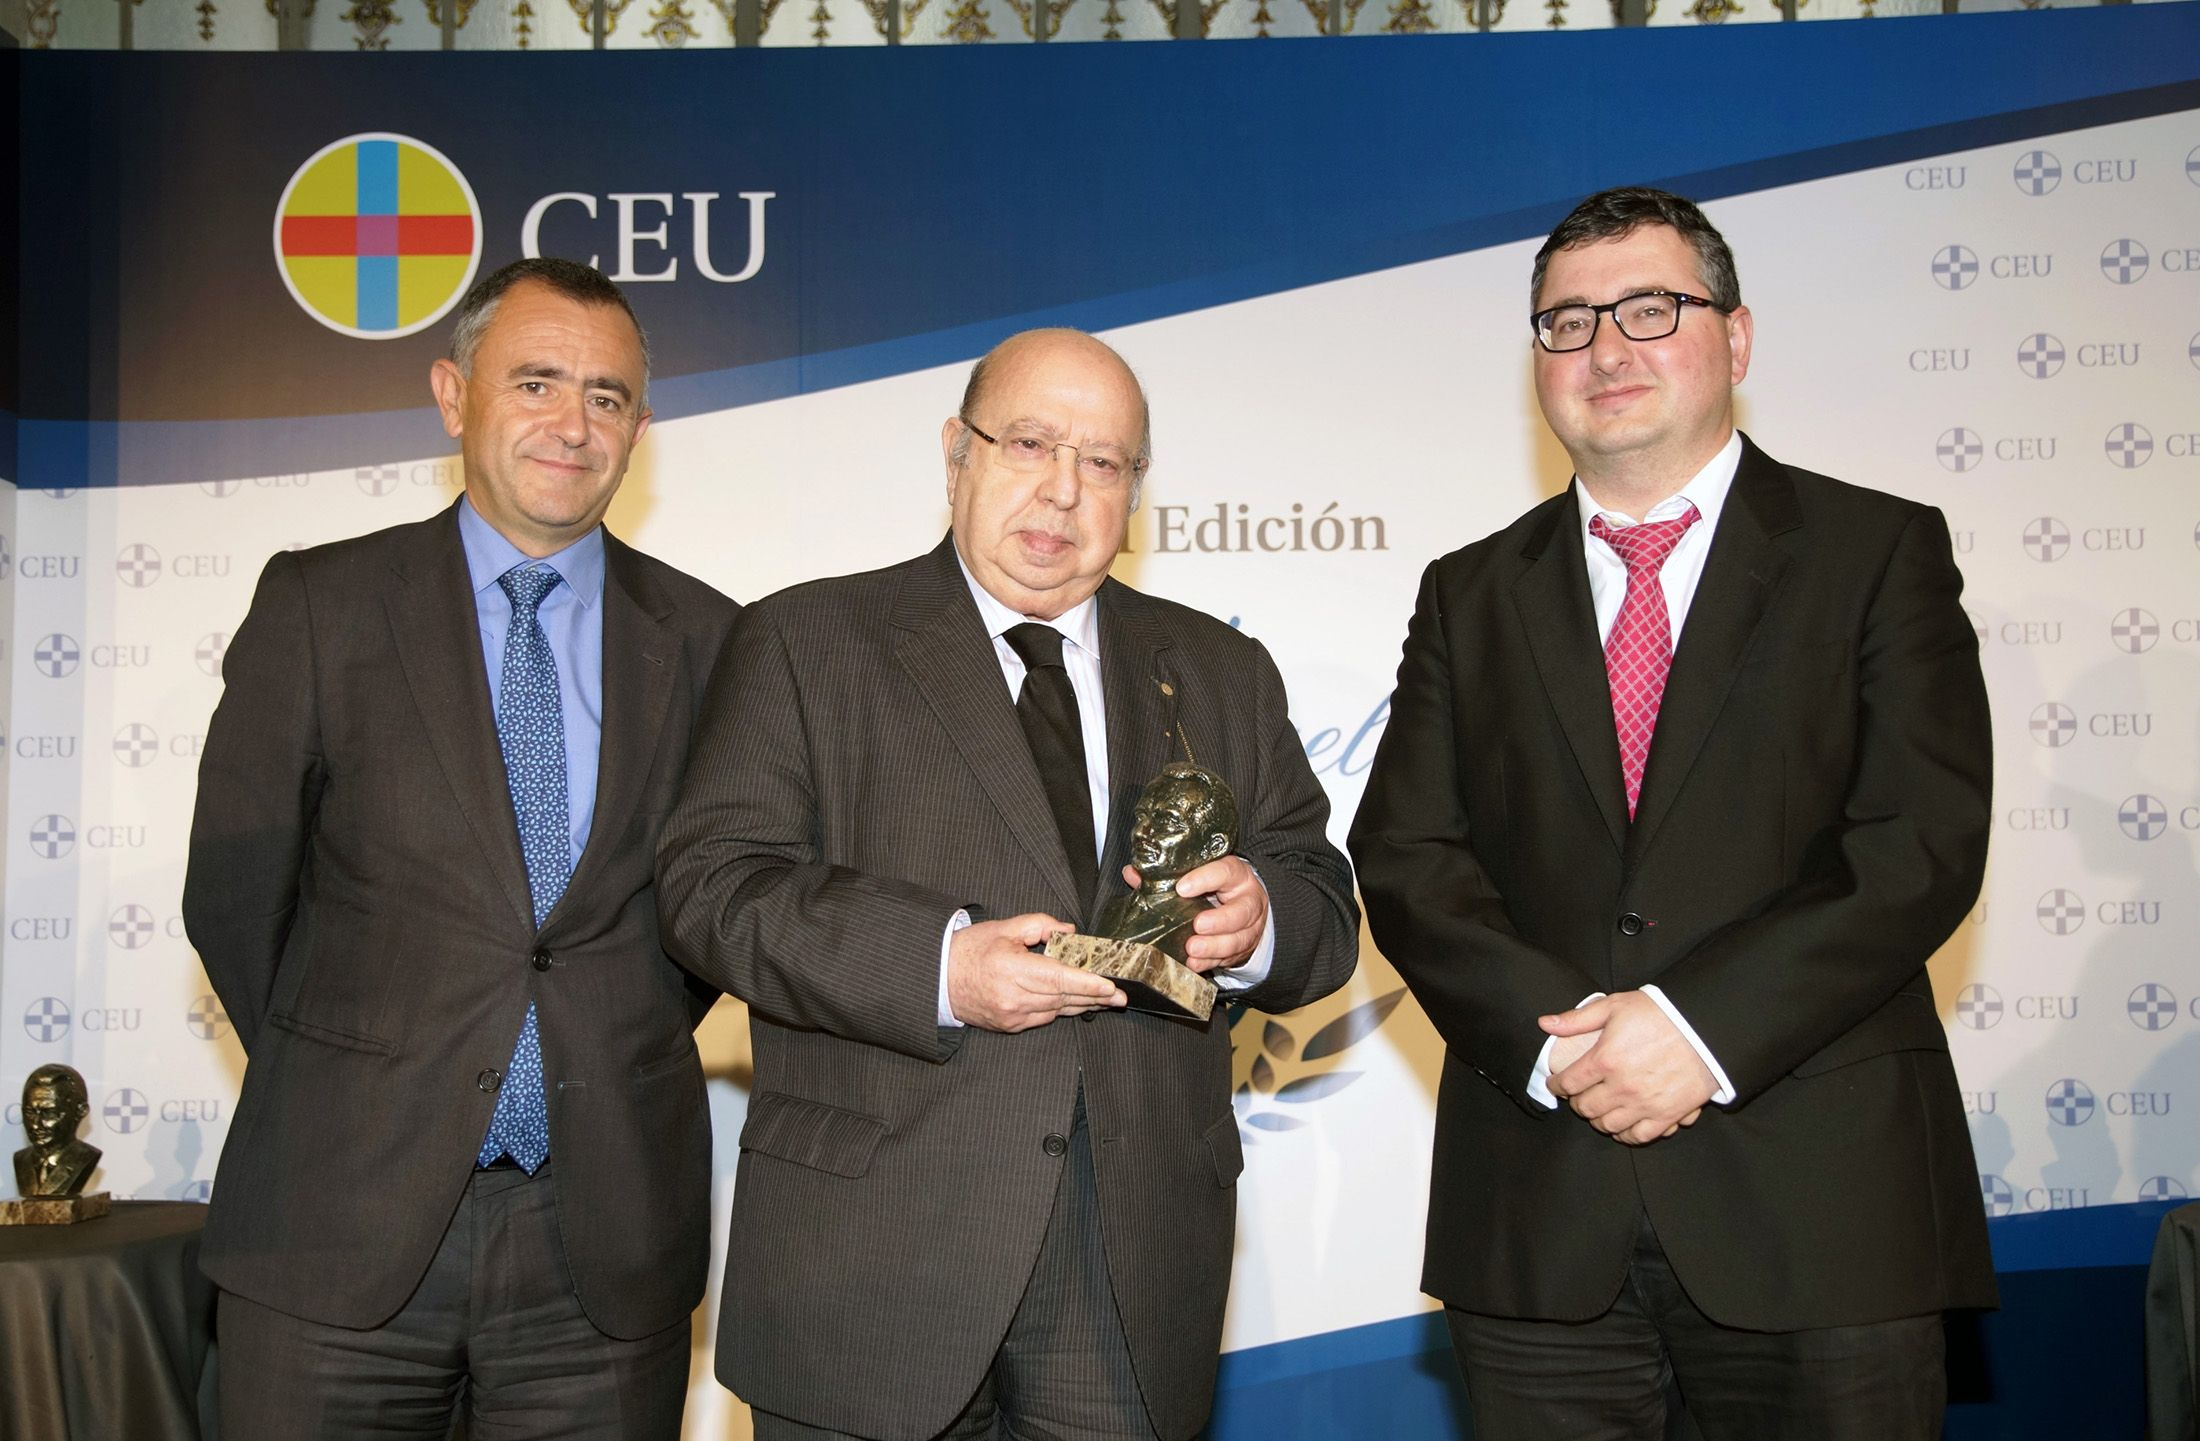 José Peña y Jaime Vilarroig, recibiendo el premio en el acto académico de la Festividad de la Conversión de San Pablo celebrado en Madrid.